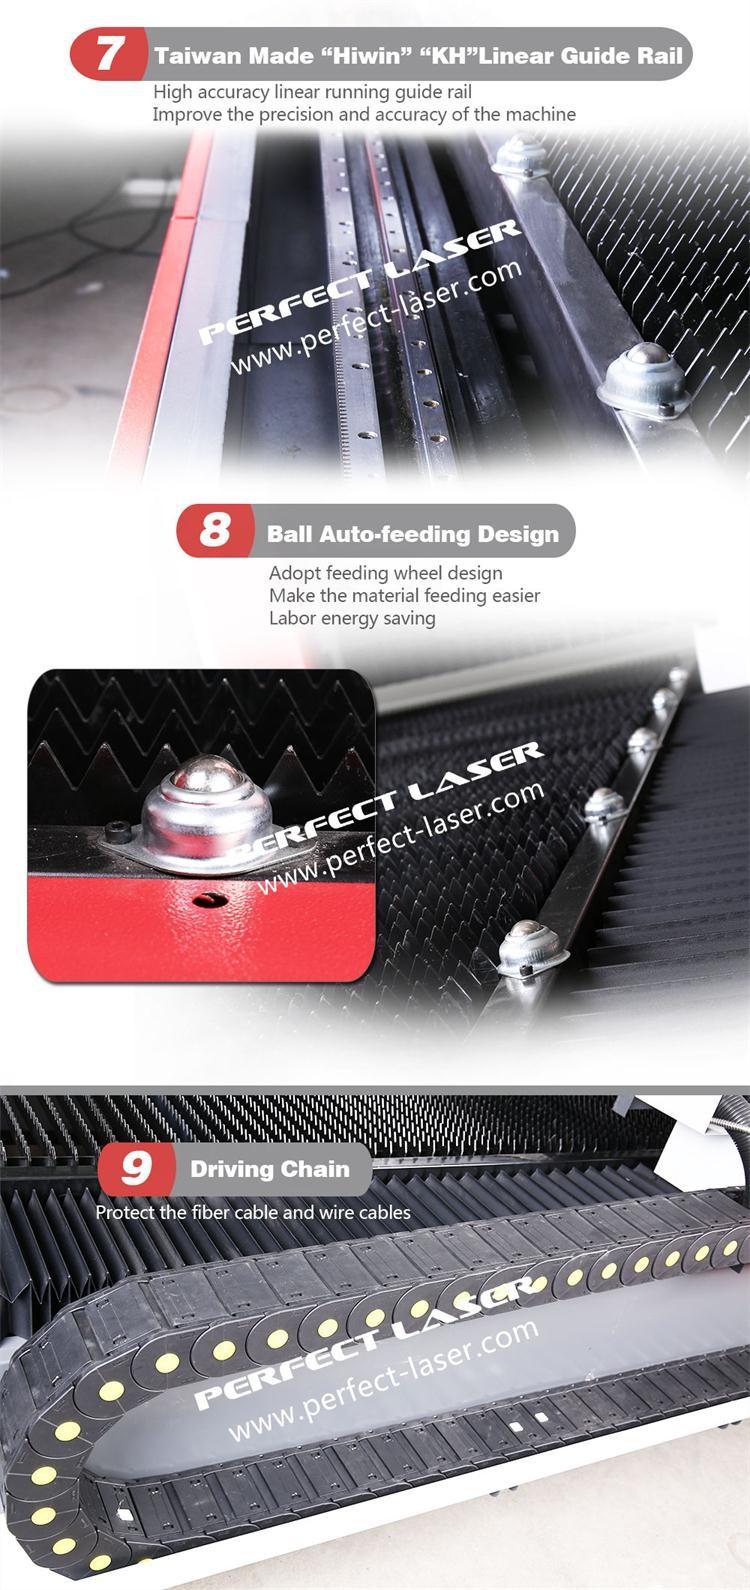 09 Perfect Laser-Fiber Laser Cutting Machine PE-F3013 PE-F3015.jpg